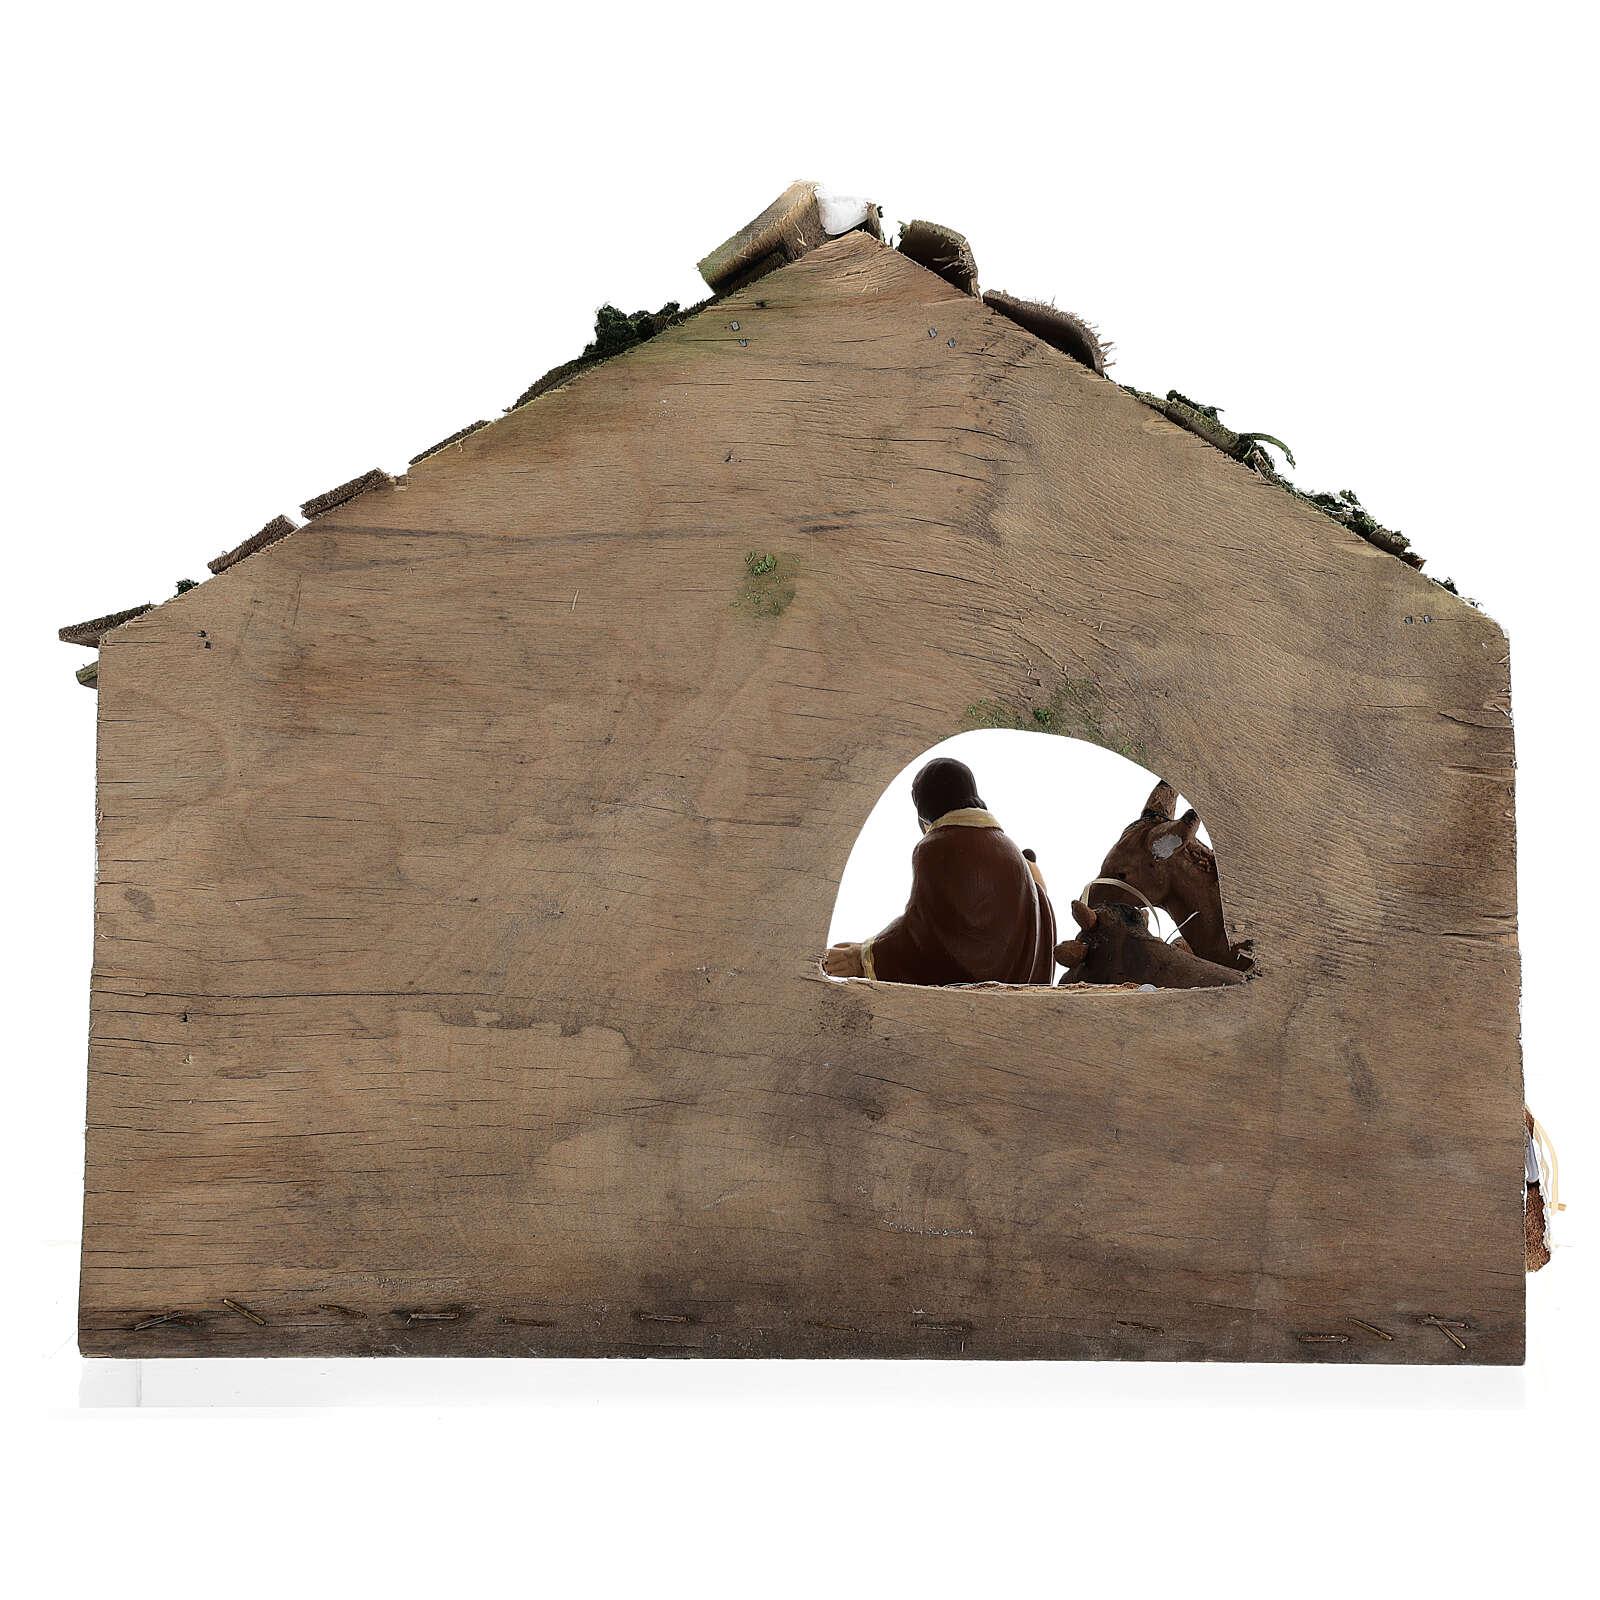 Cabane bois statues terre cuite peinte 12 cm 30x35x20 cm 4